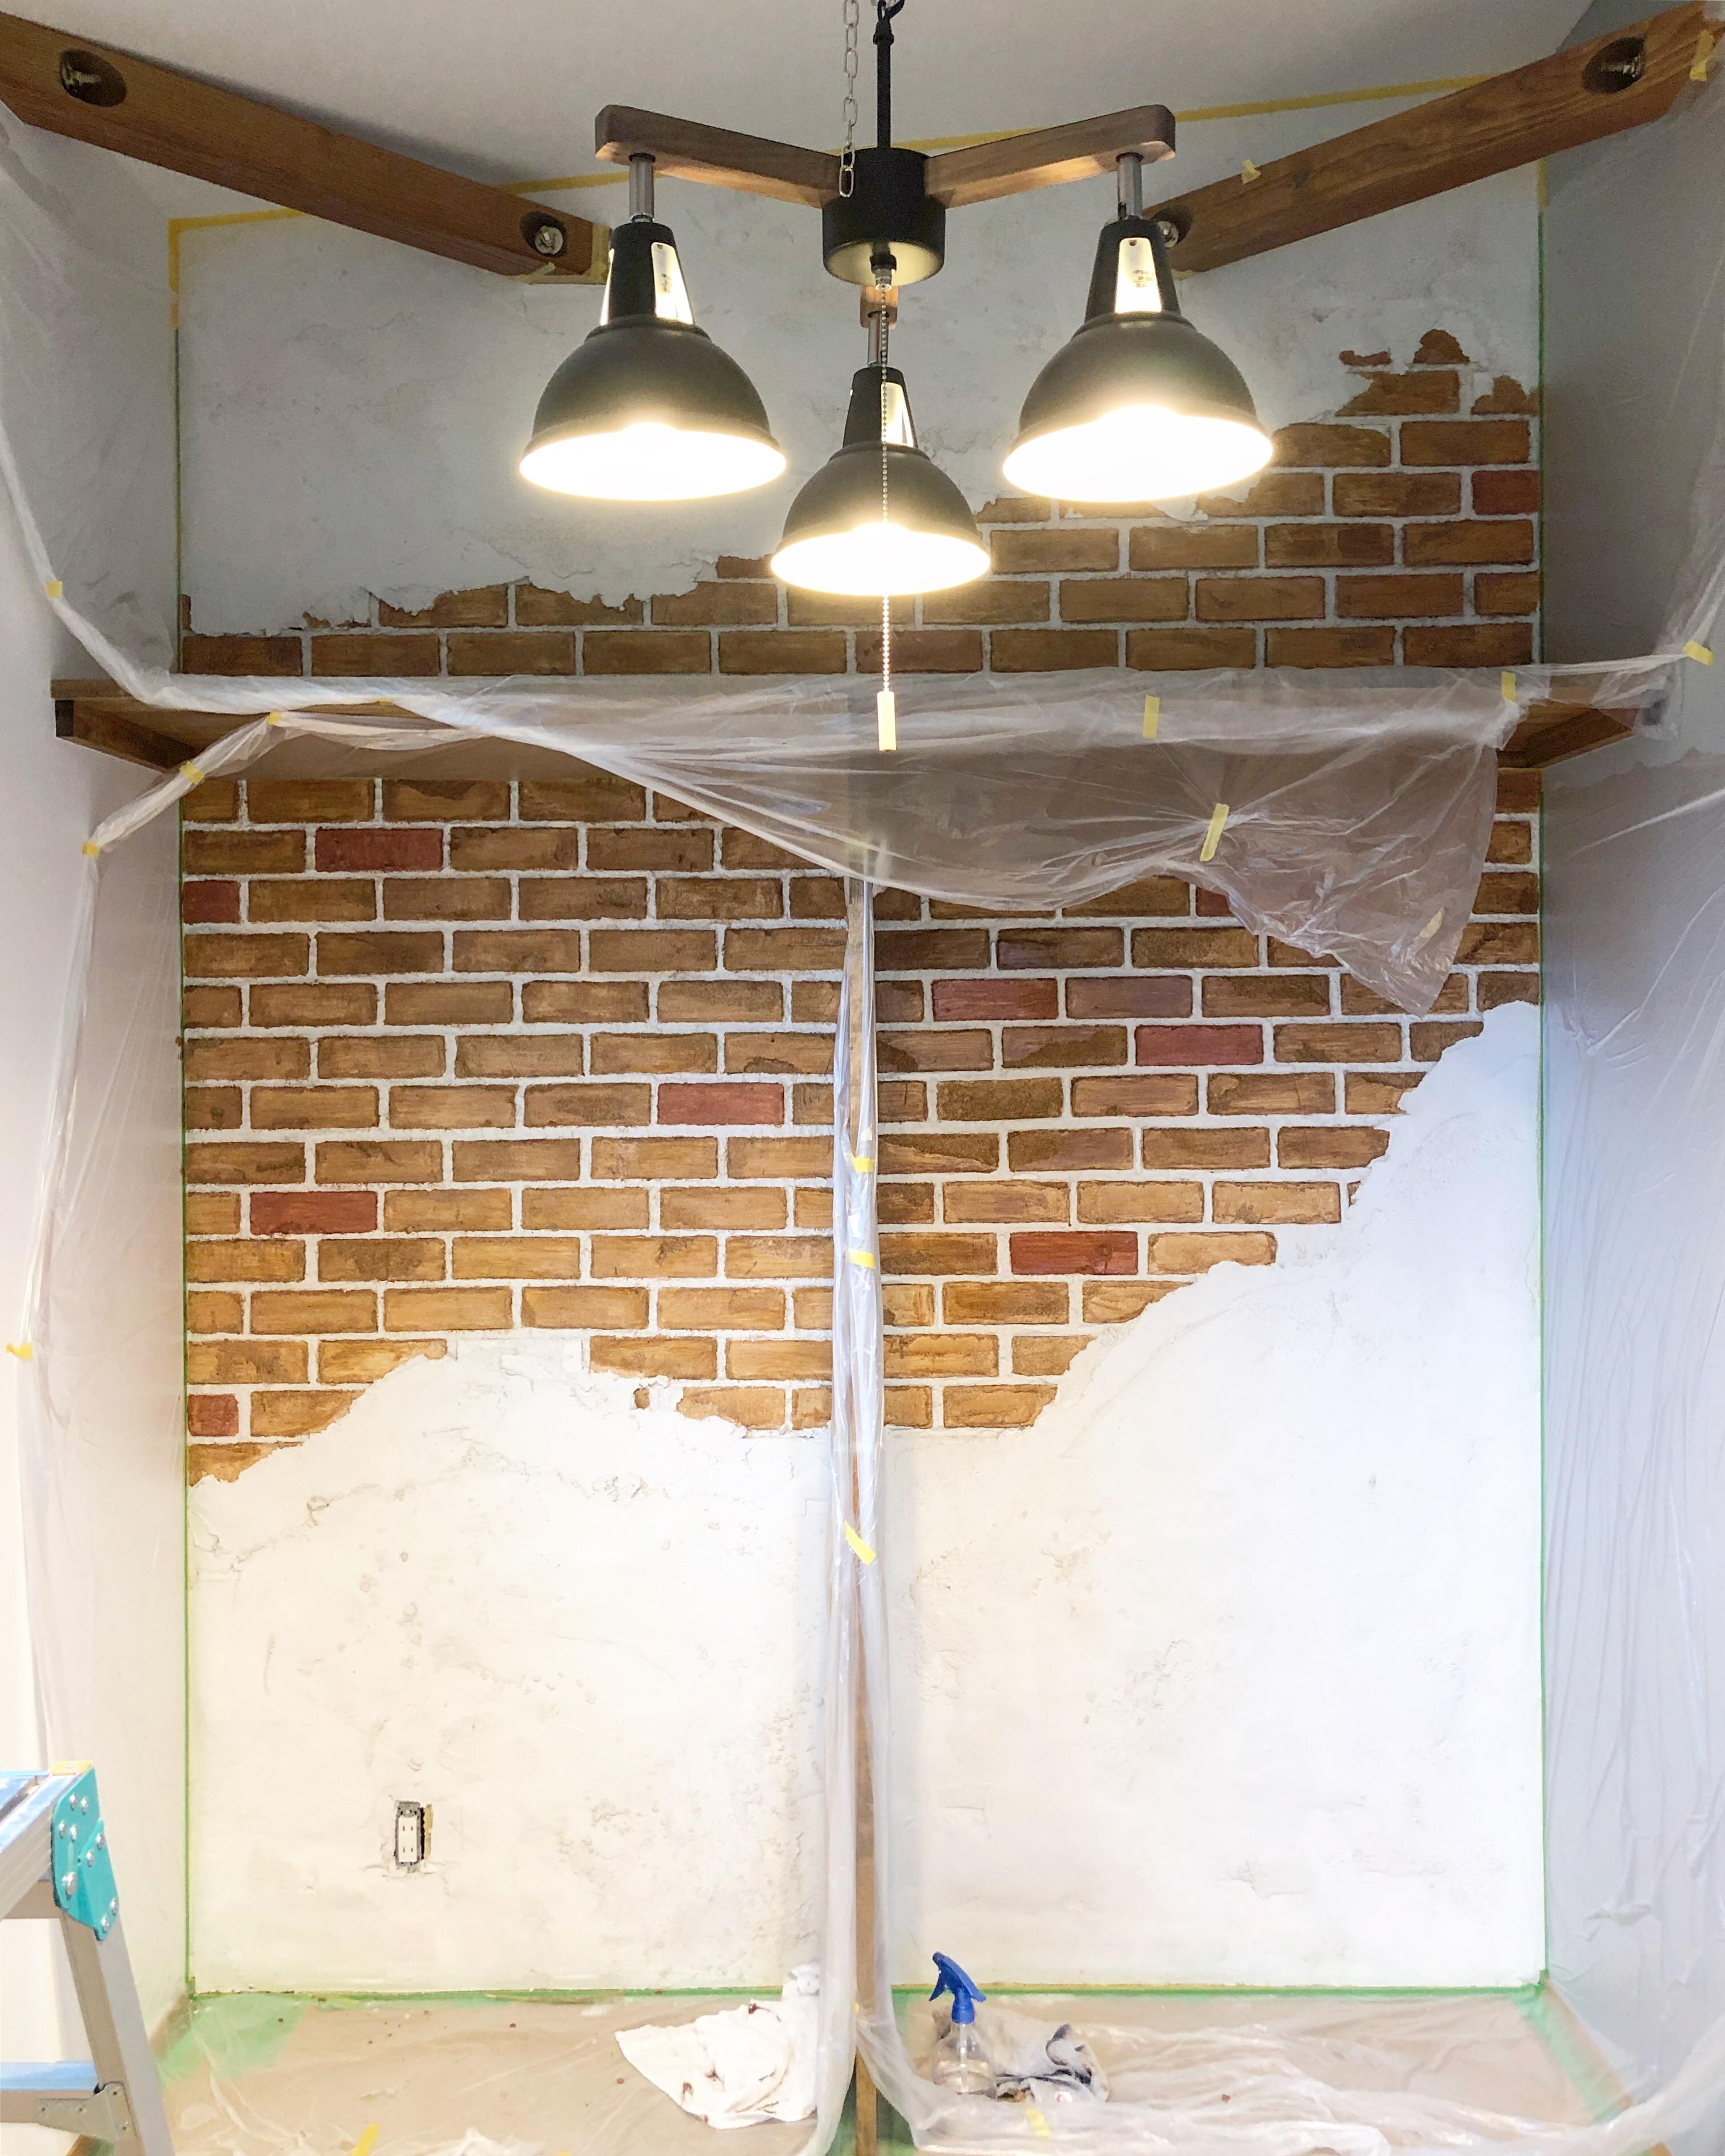 山梨県の工務店、未来建築工房とつくる注文住宅。|造形モルタル